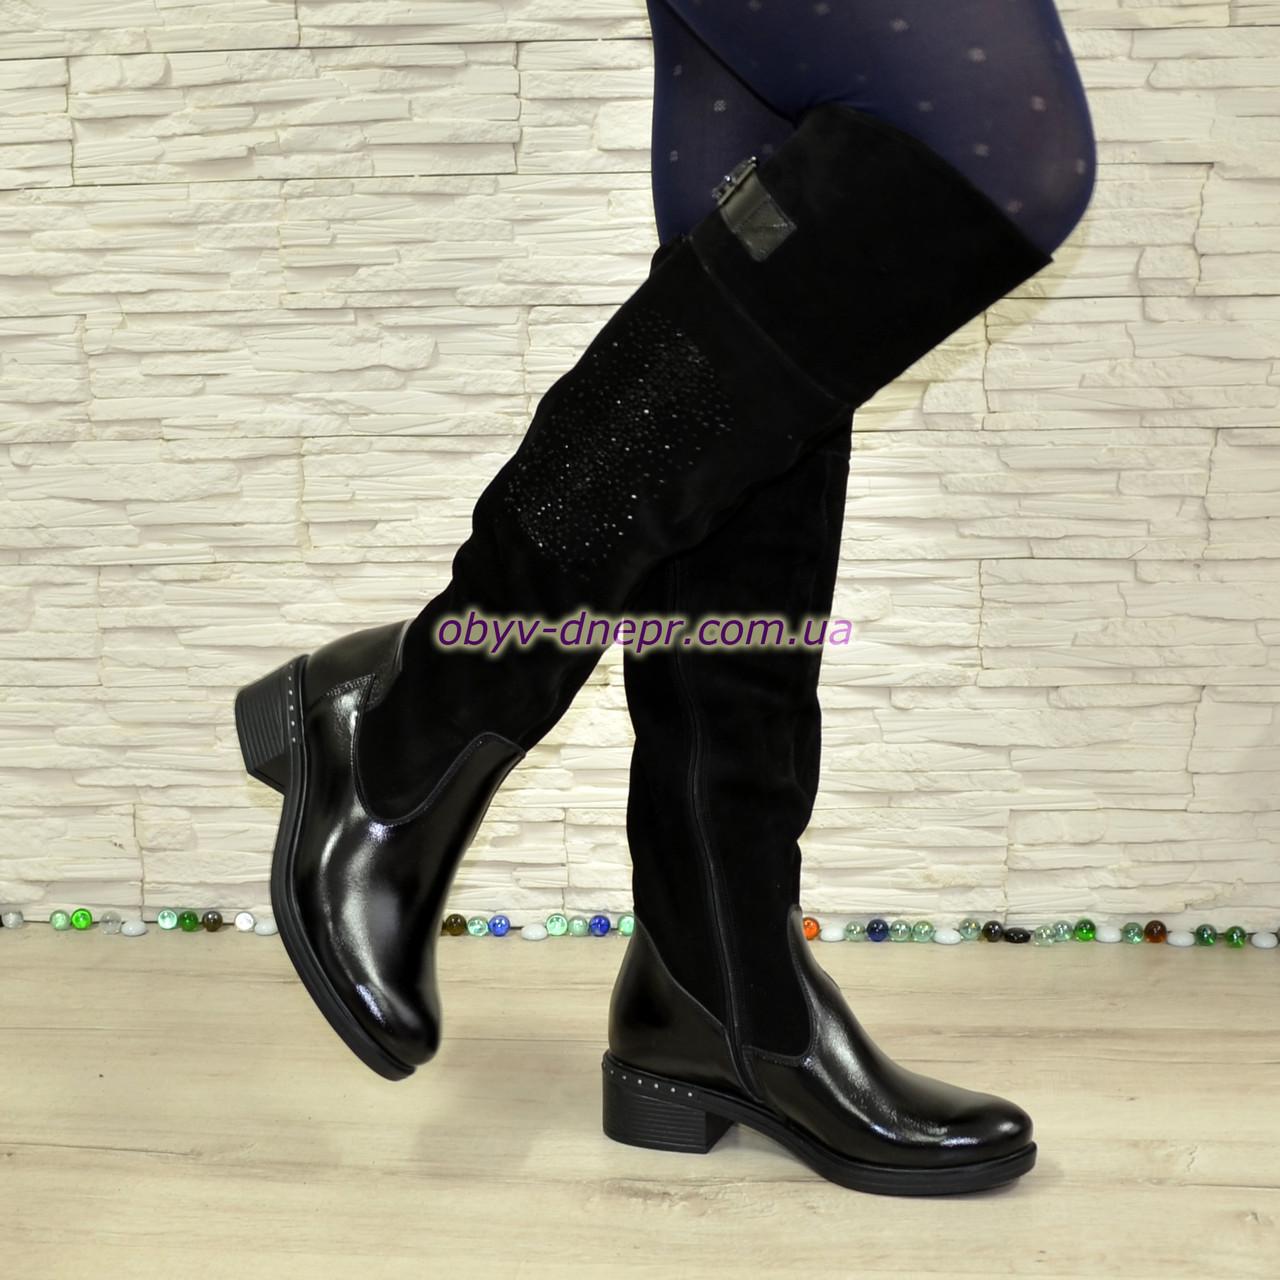 Ботфорты женские зимние на каблуке, декорированы камнями, натуральный лак+ замш